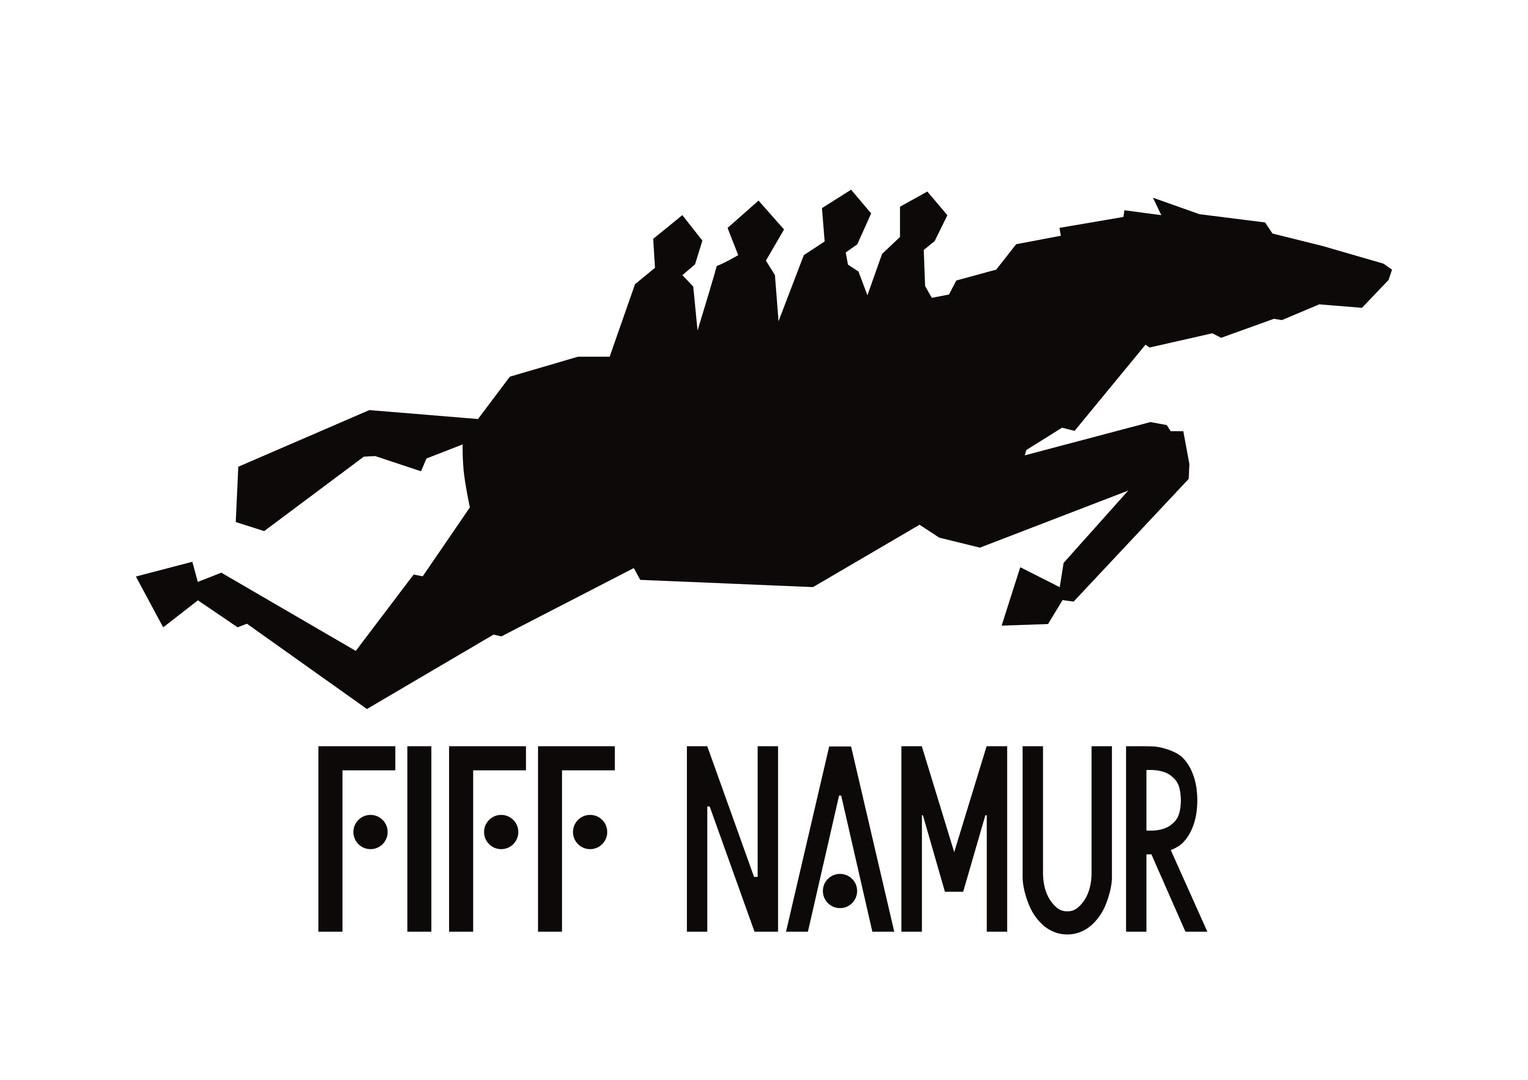 FIFFNamur-Noir.jpg